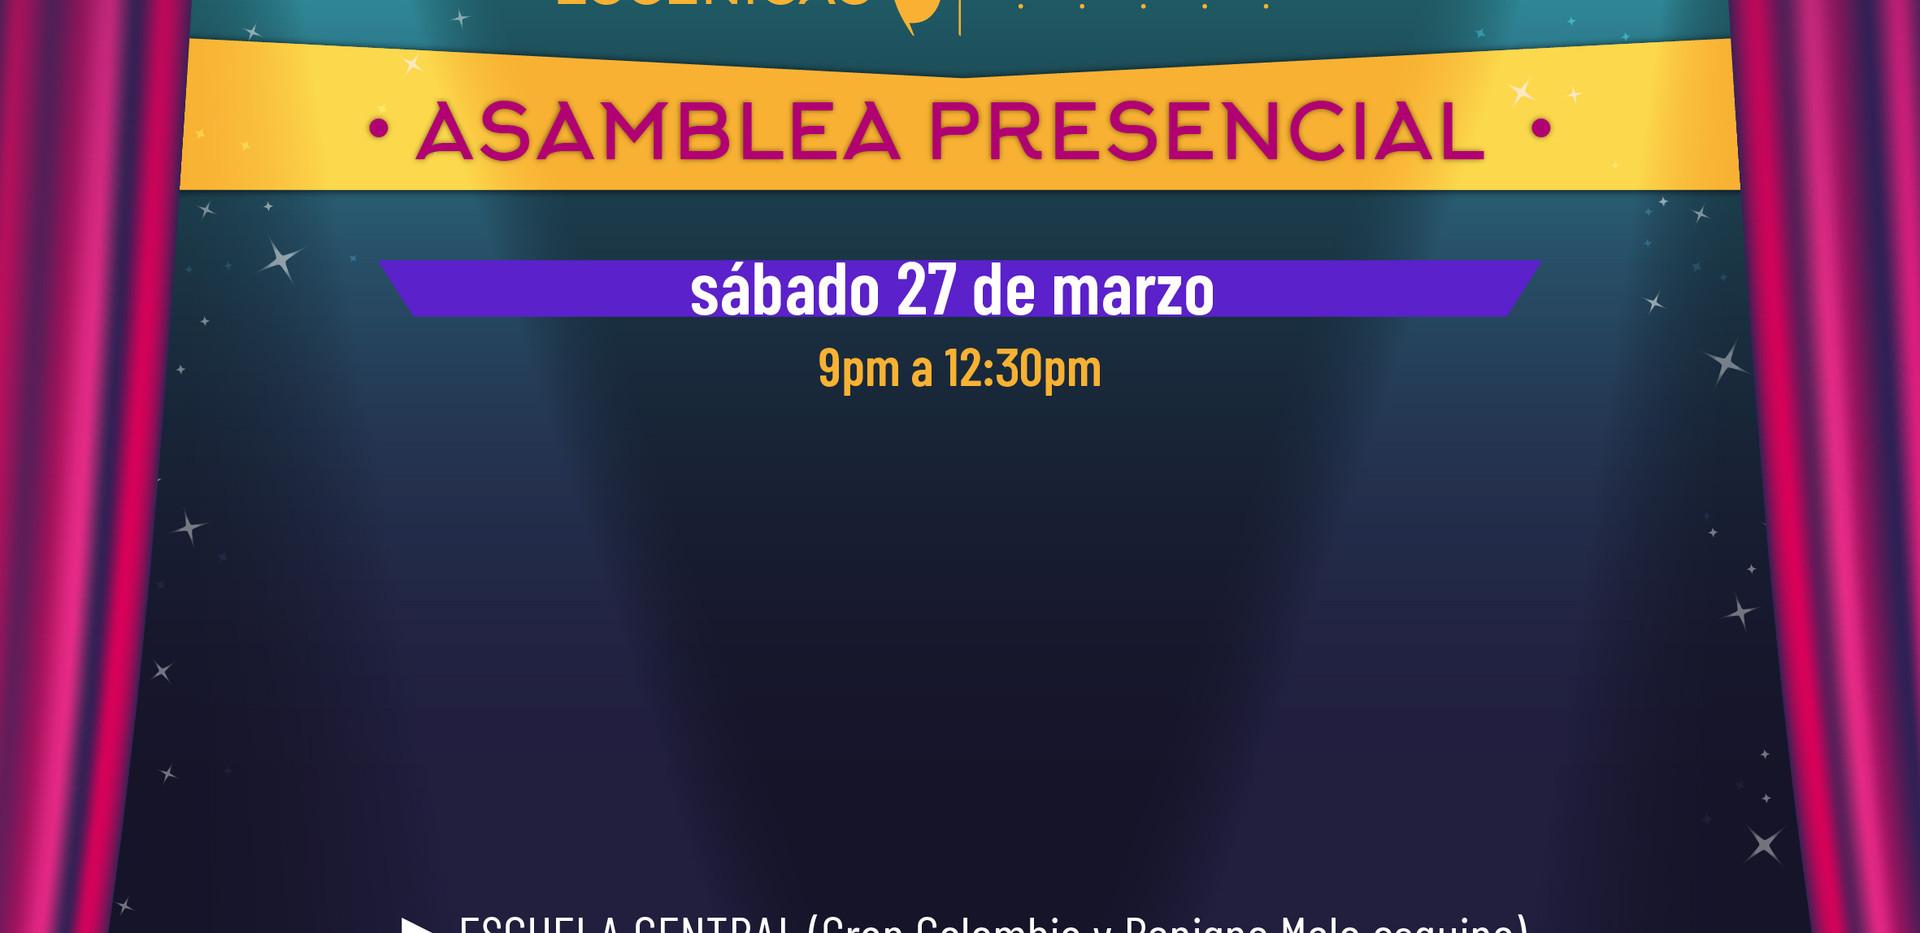 7Asamblea-01.jpg